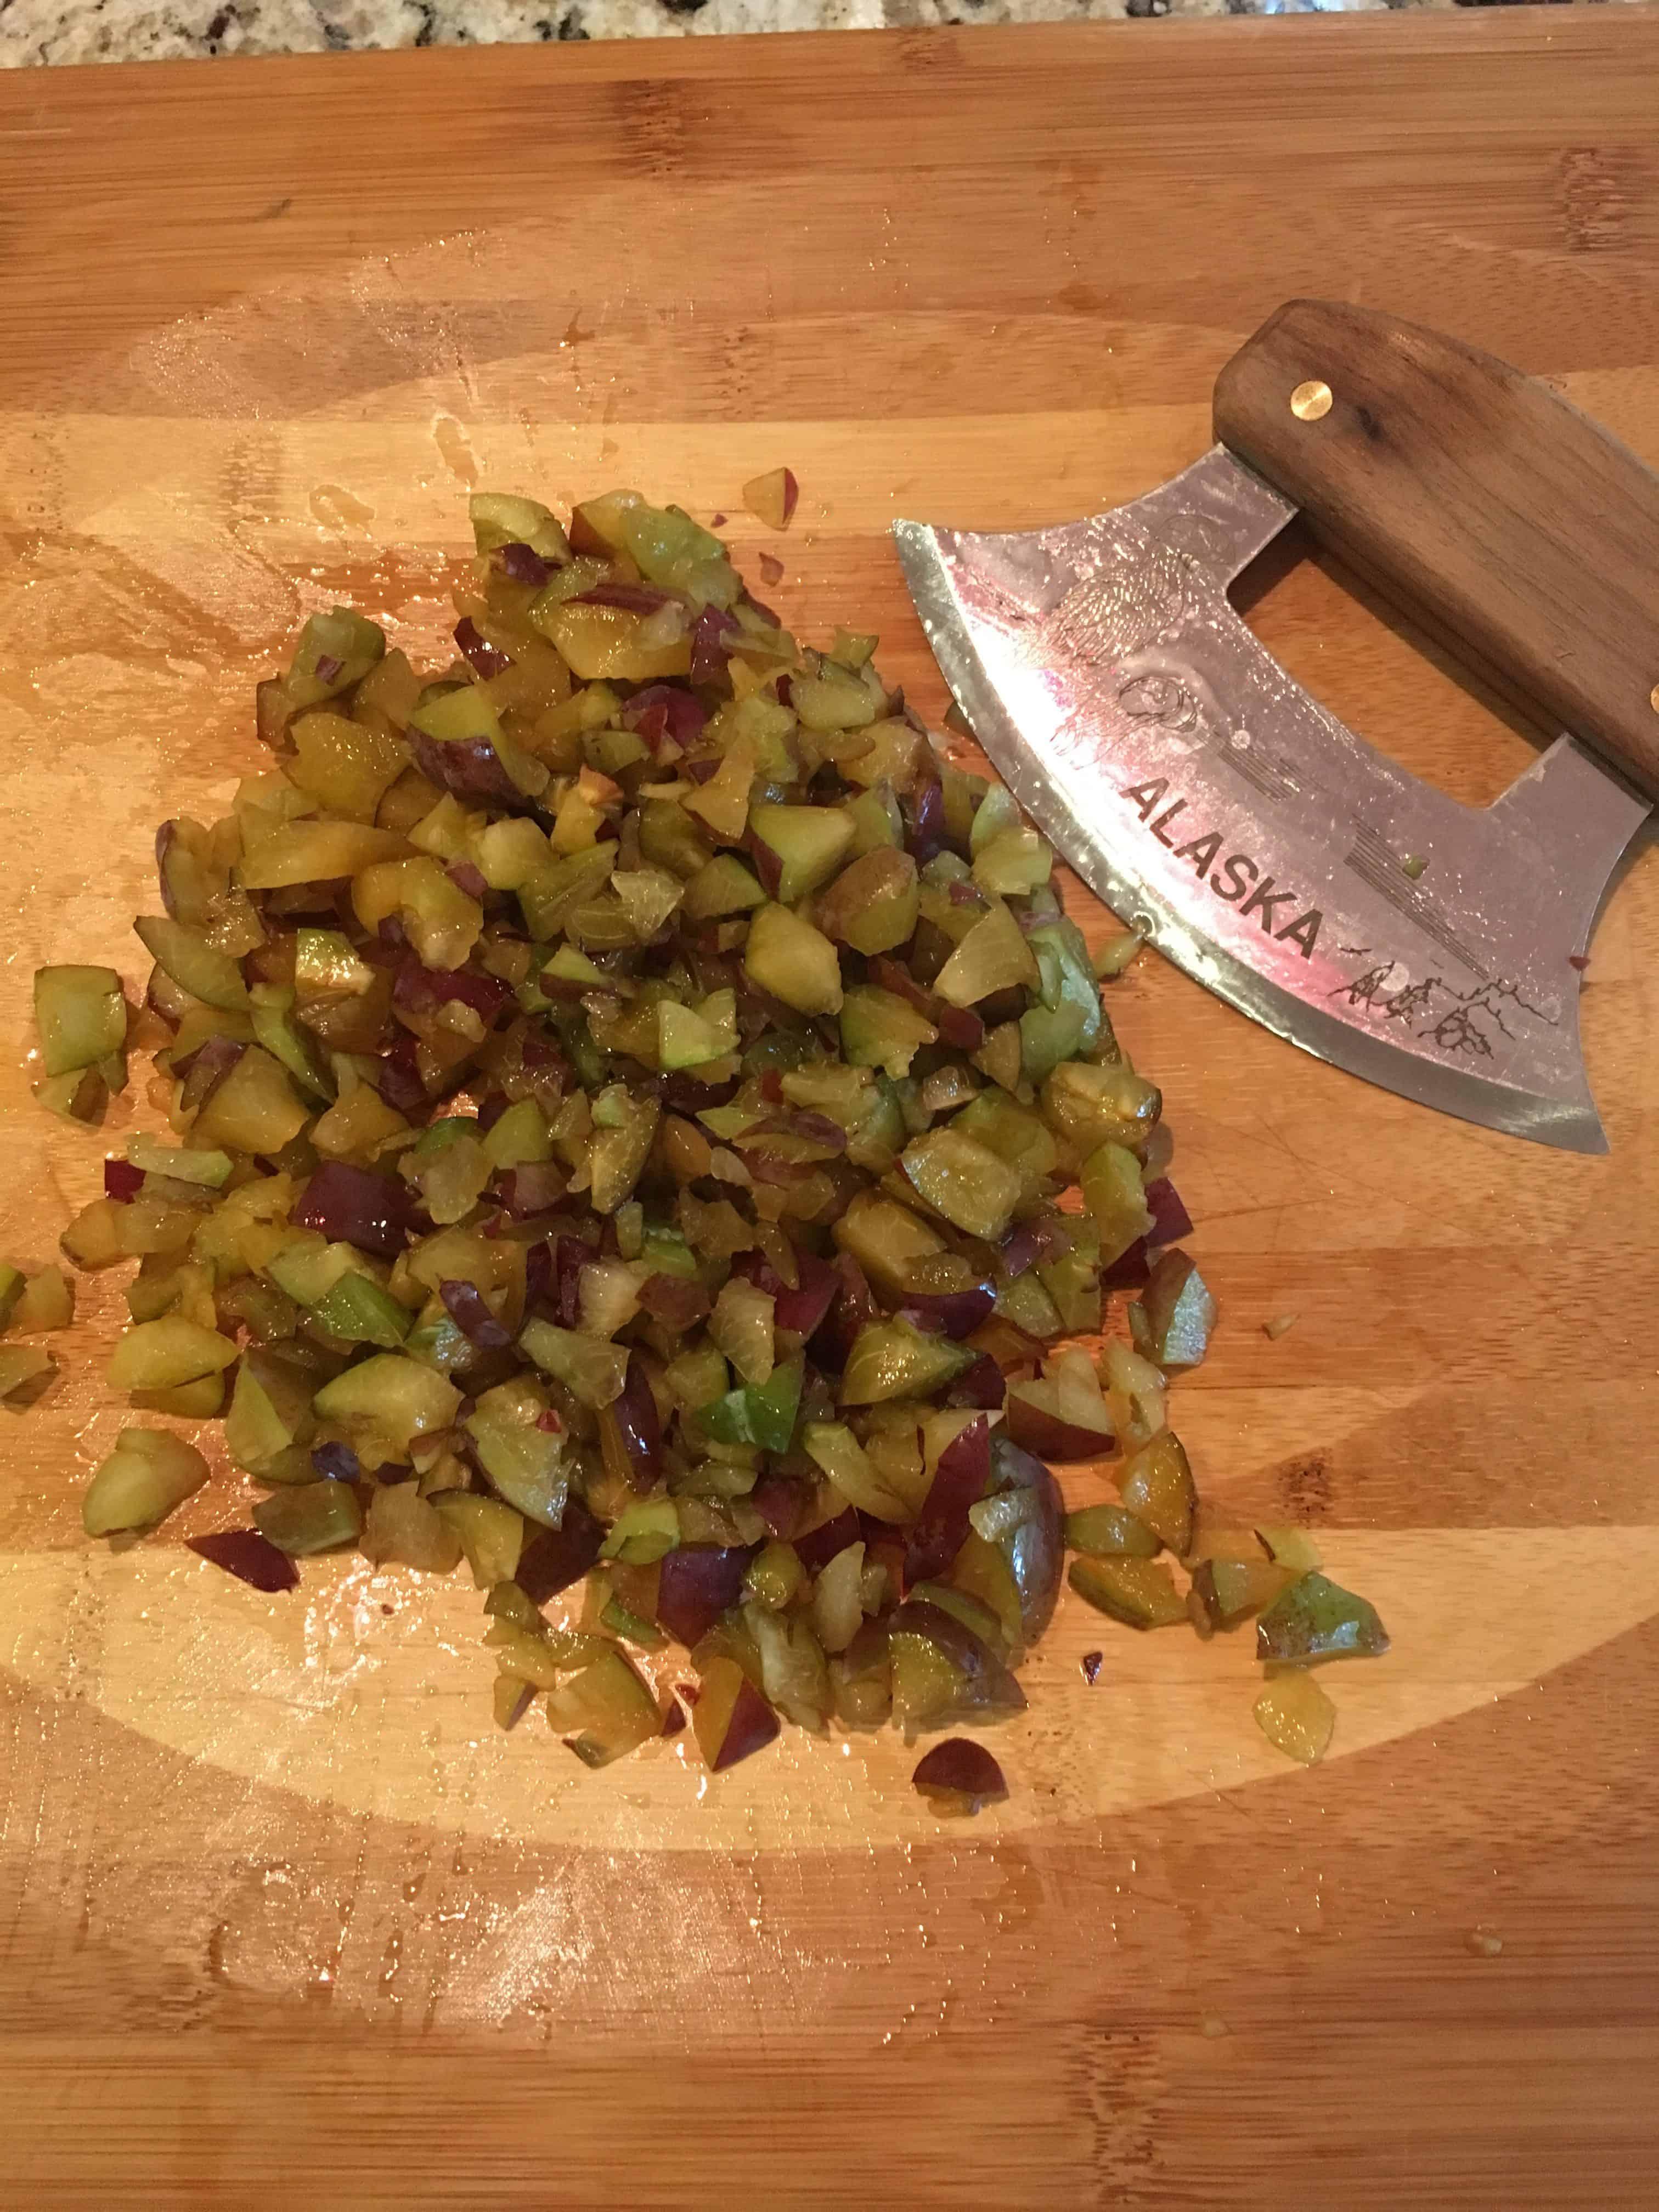 Ulu-chopped Italian plums. https://trimazing.com